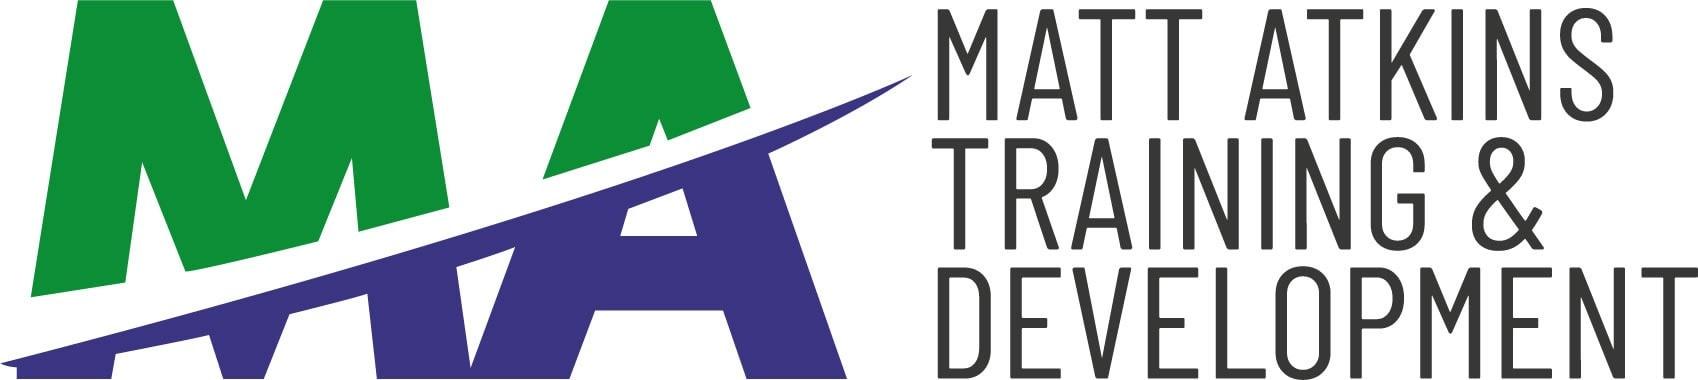 Matt Atkins Training and Development Ltd